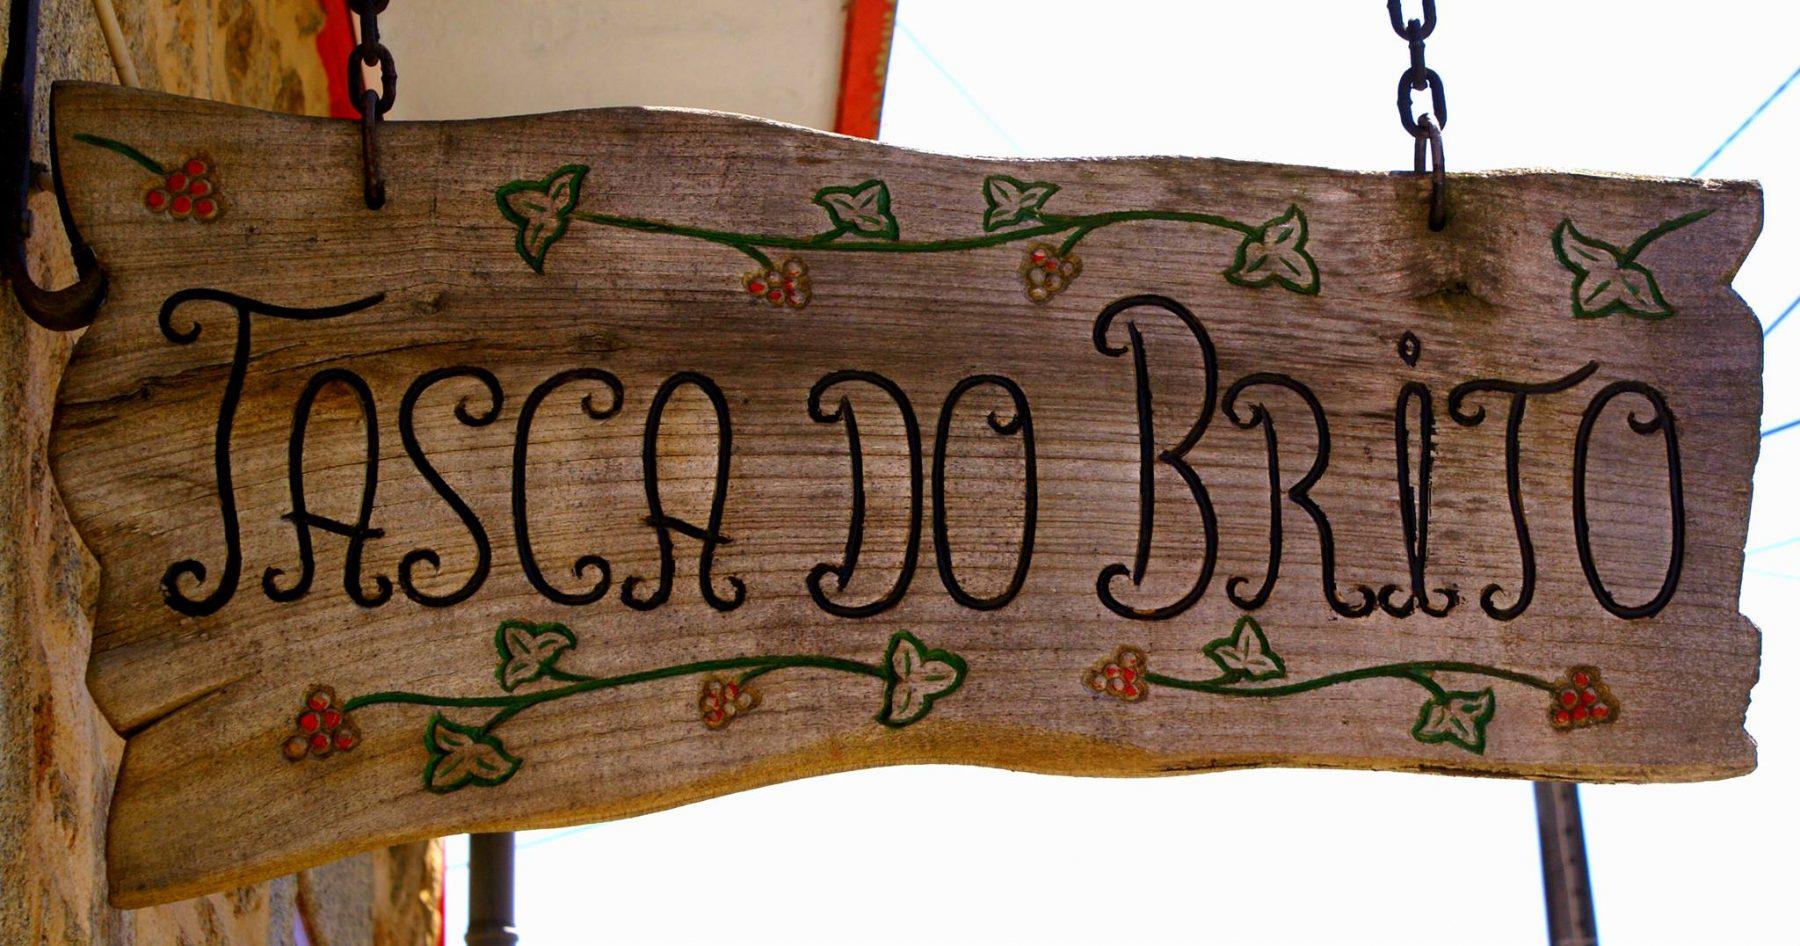 Tasca do Brito Tascos em Braga